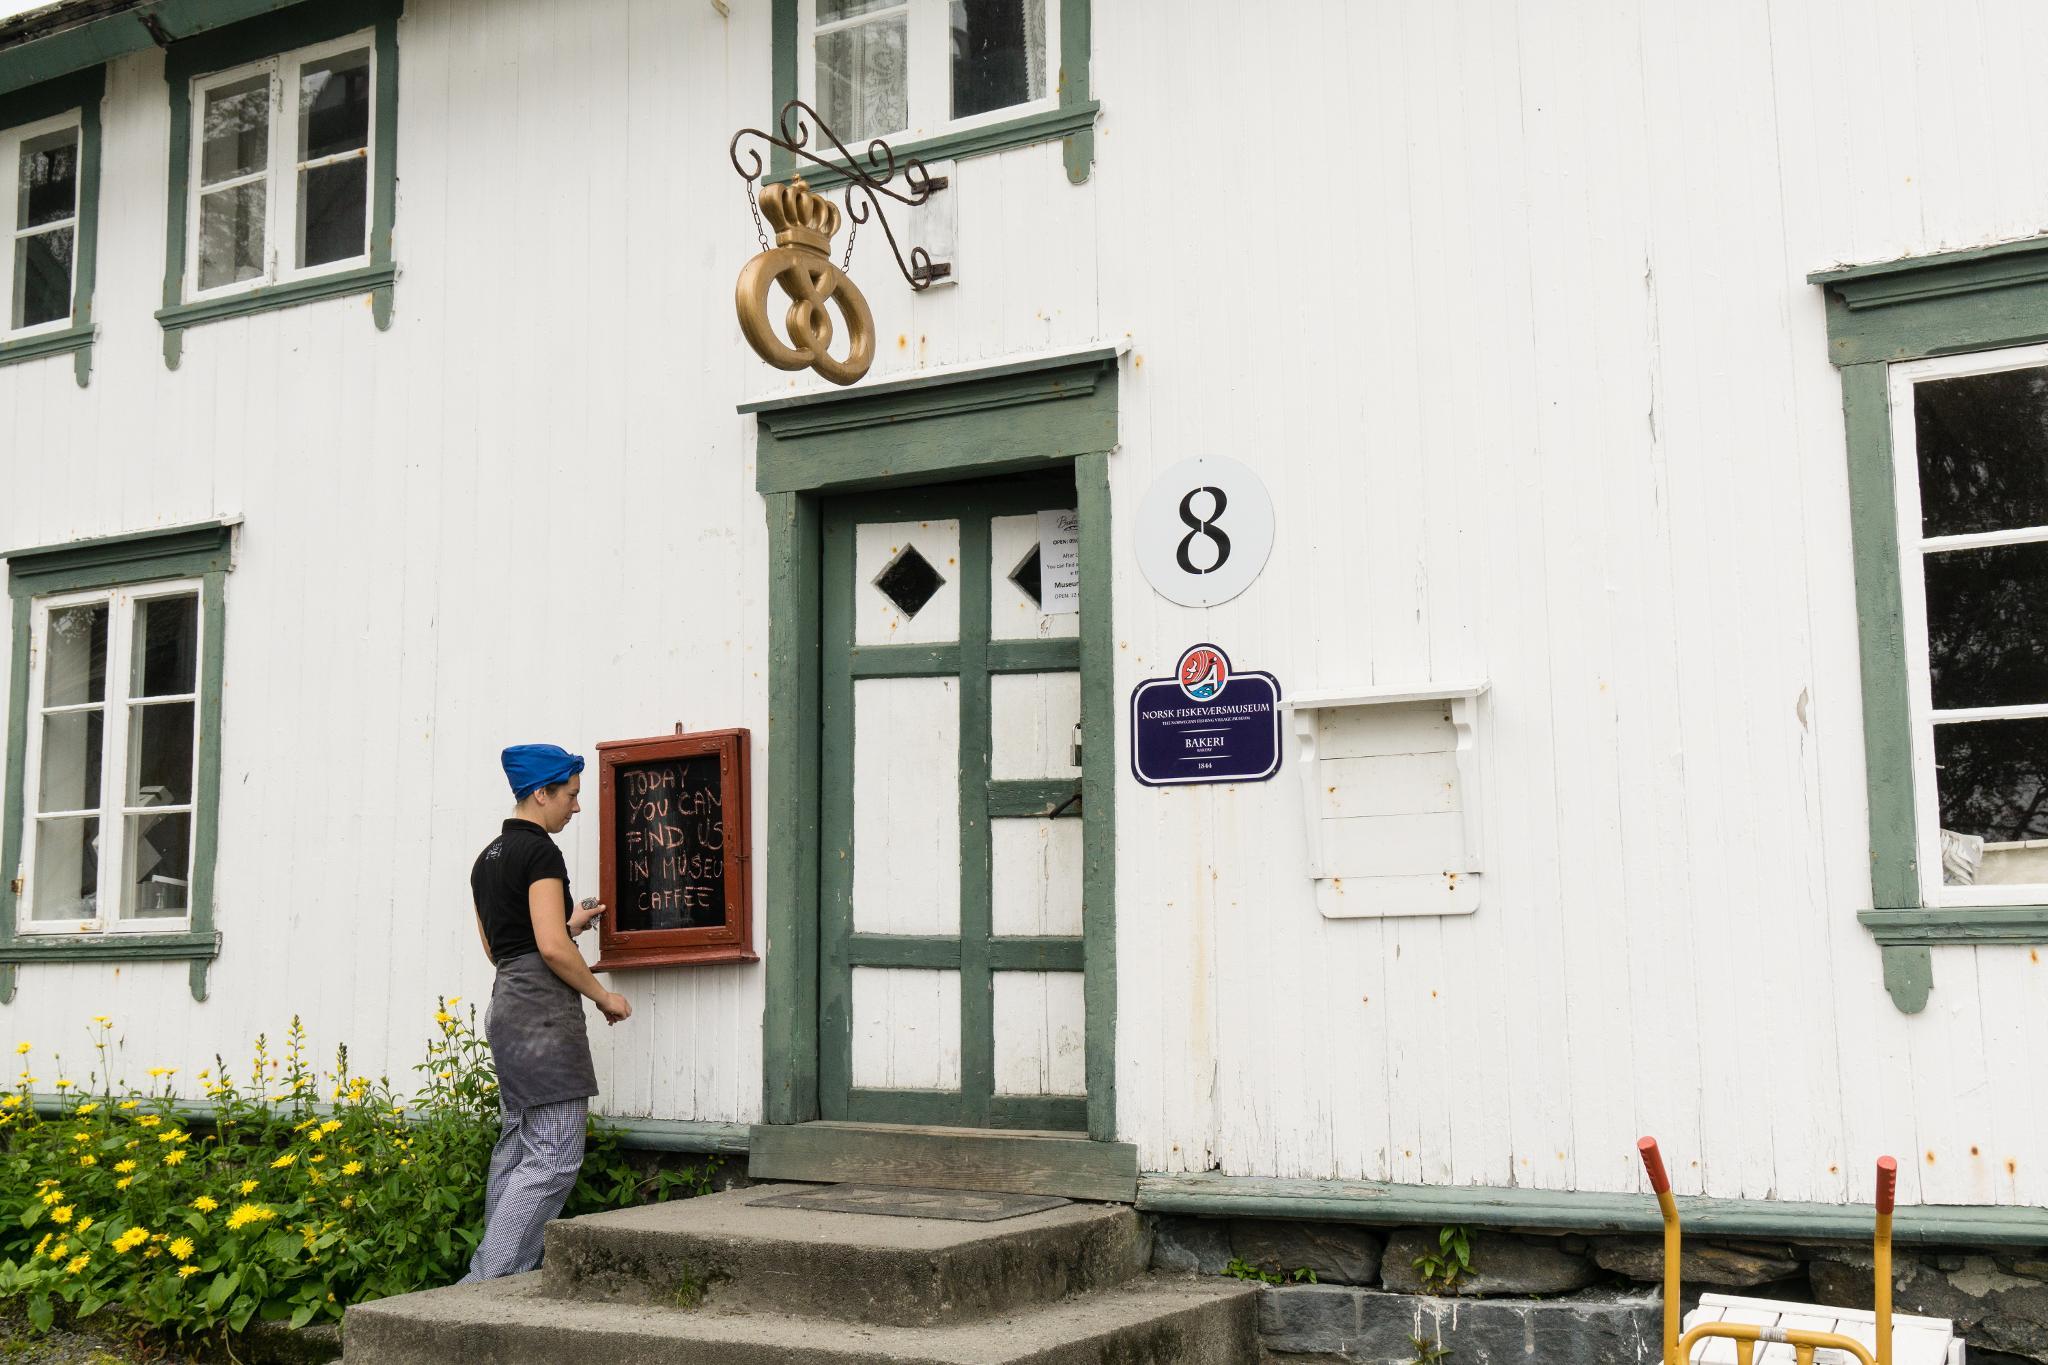 【羅弗敦群島】世界最短的地名 - Å 奧鎮 2